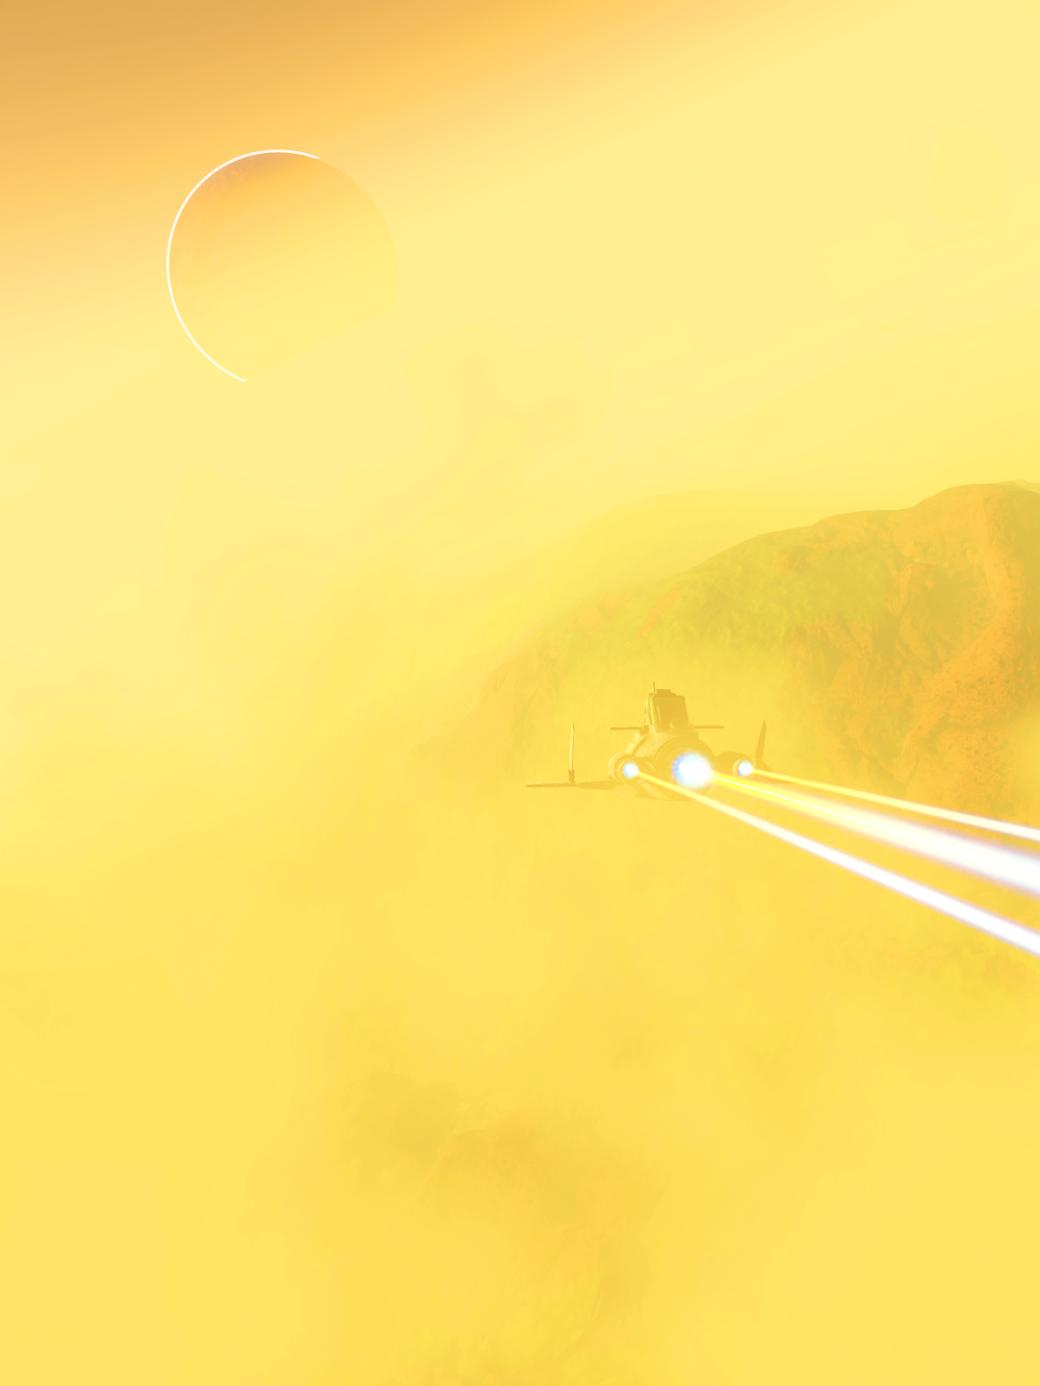 Коллекция потрясающих скриншотов NoMan's Sky, созданных вфоторежиме - Изображение 27